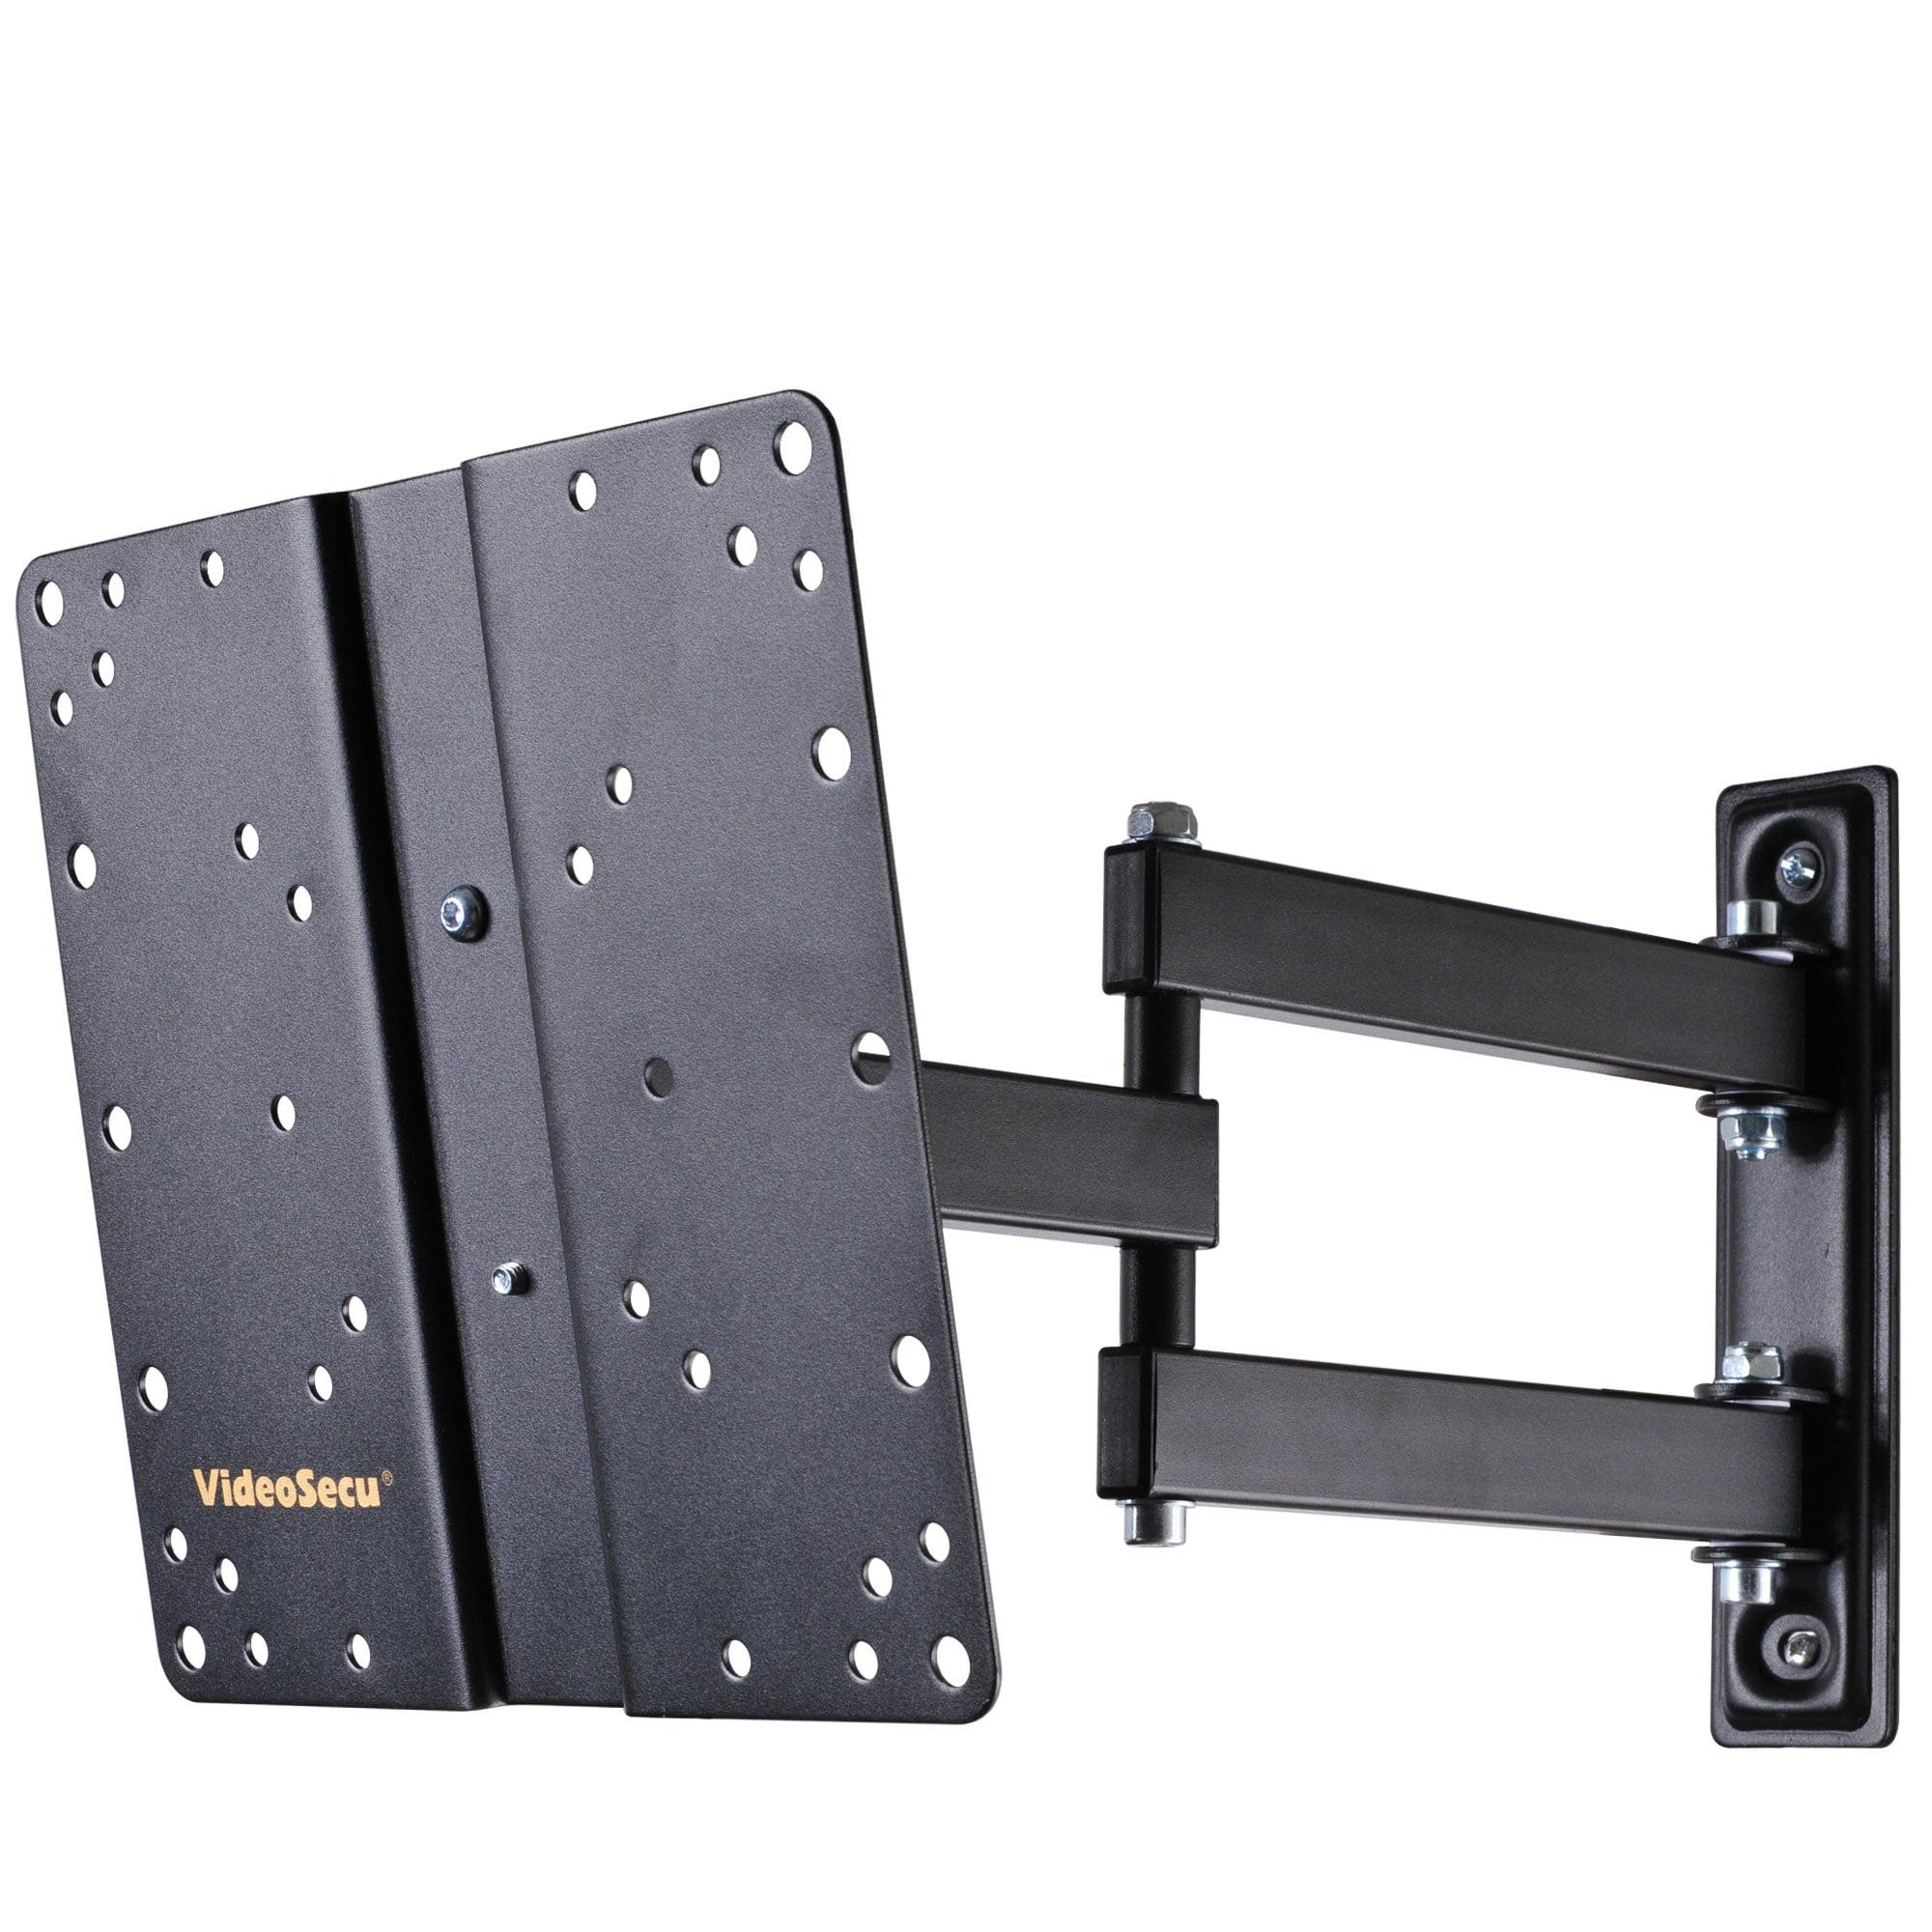 """VideoSecu Full Motion TV Wall Mount for 24 26 28 29 32 40 42"""" SAMSUNG VIZIO LCD LED HDTV Tilt Swivel Bracket ML510B B65"""